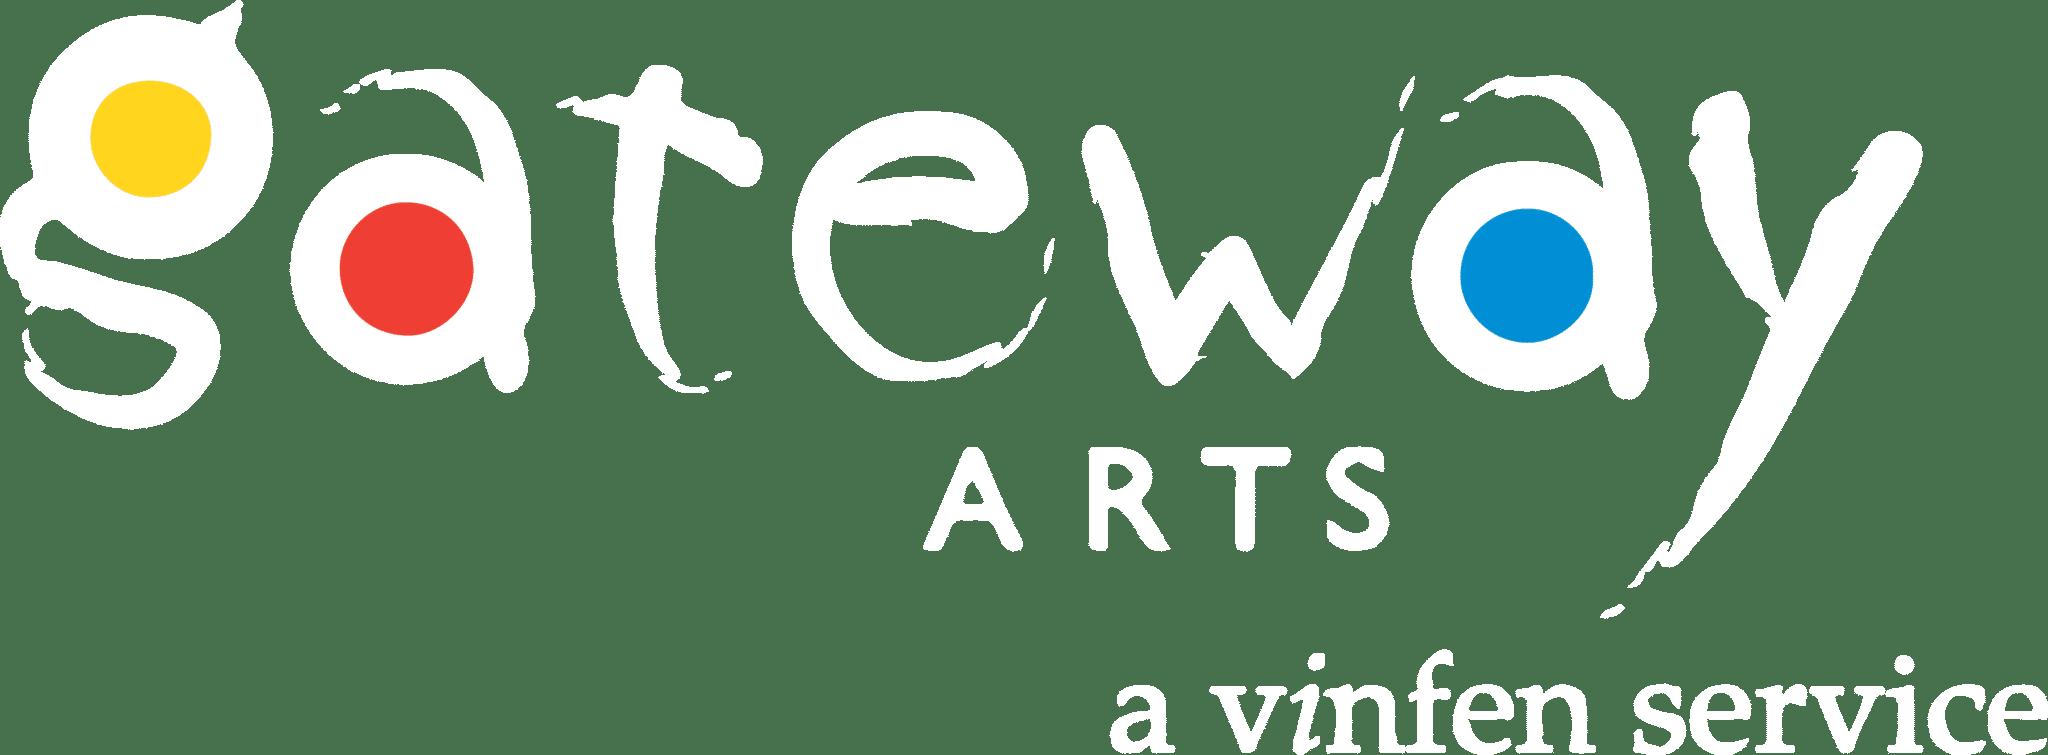 Gateway Arts White